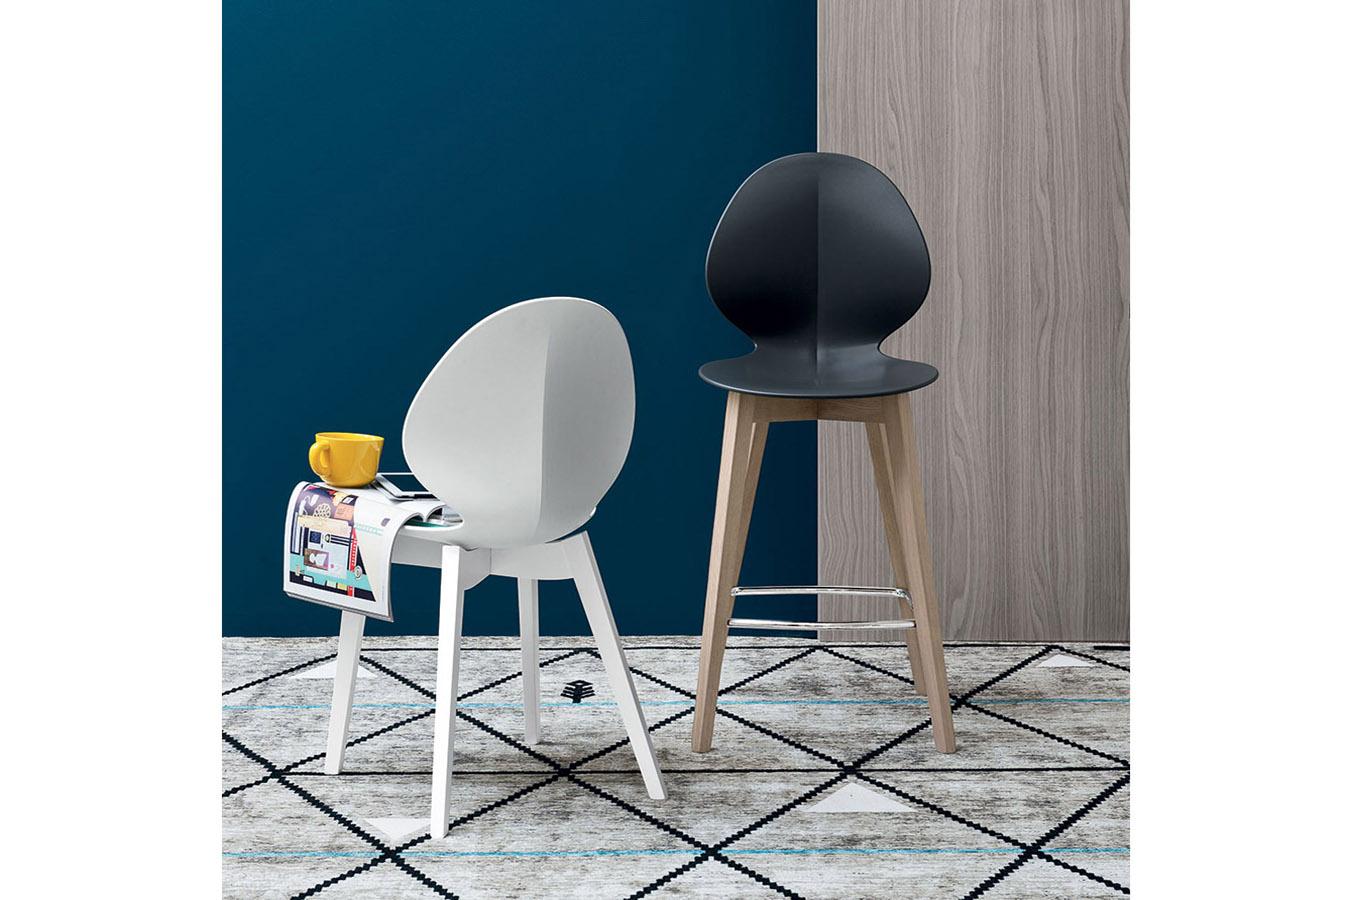 Calligaris-sgabello-sedia-Basil-moderna-design-plastica-metallo-pranzo-cucina-esterno-arredamento-interni-mobili-righetti-novara